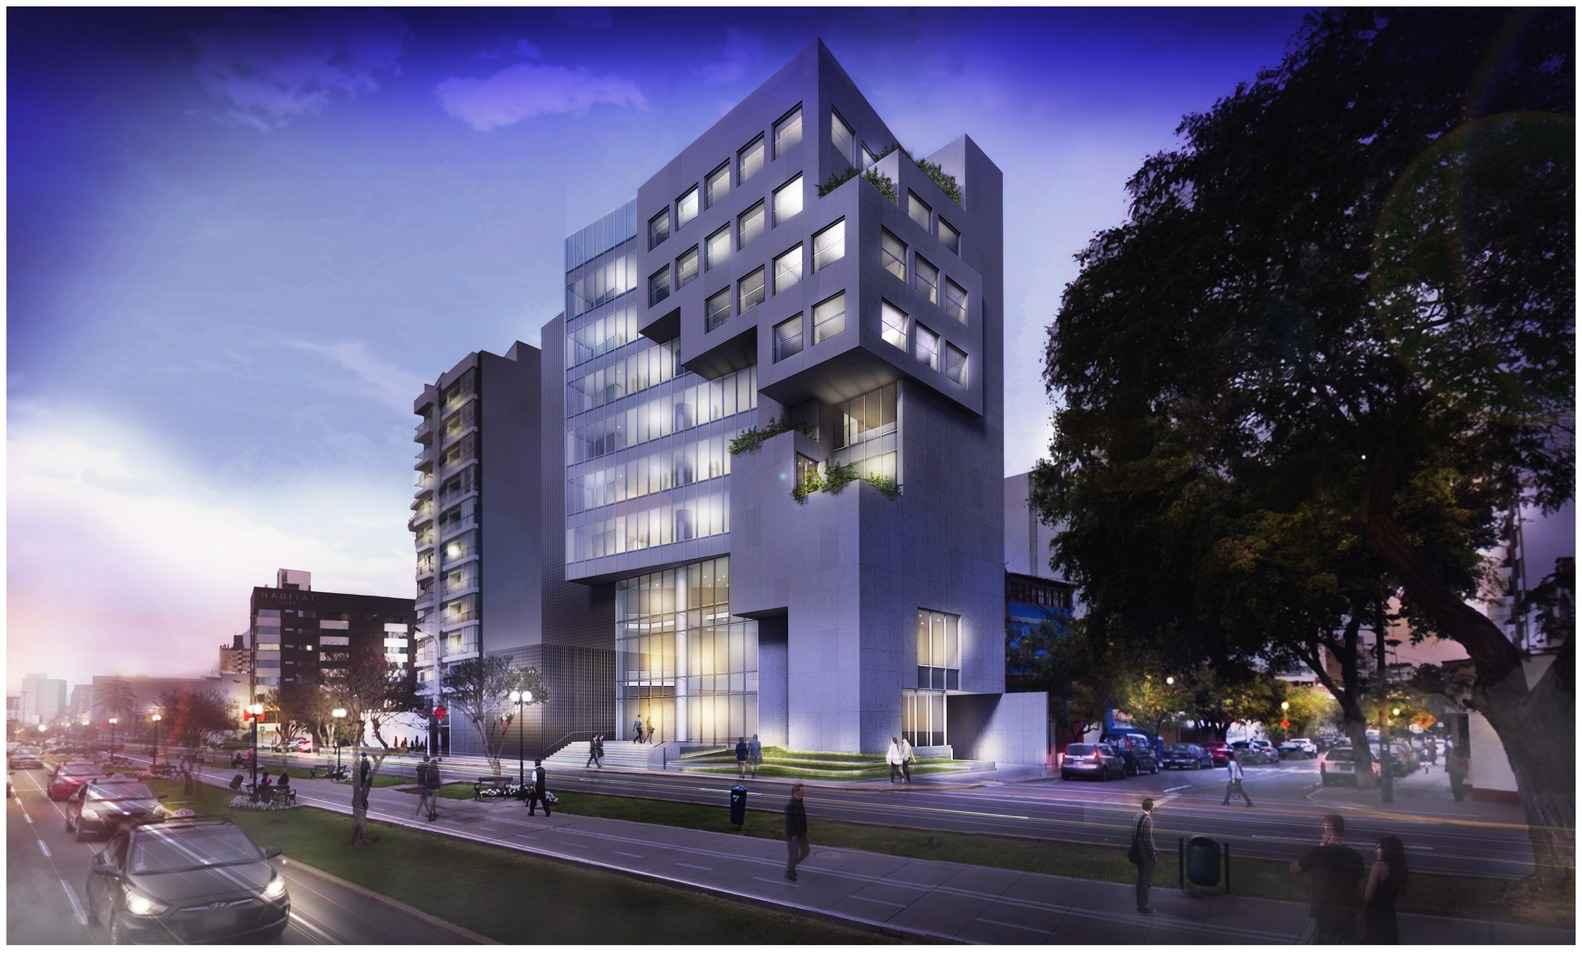 Colegio de ingenieros archivos portal inmobiliario de for Arquitectura que se estudia